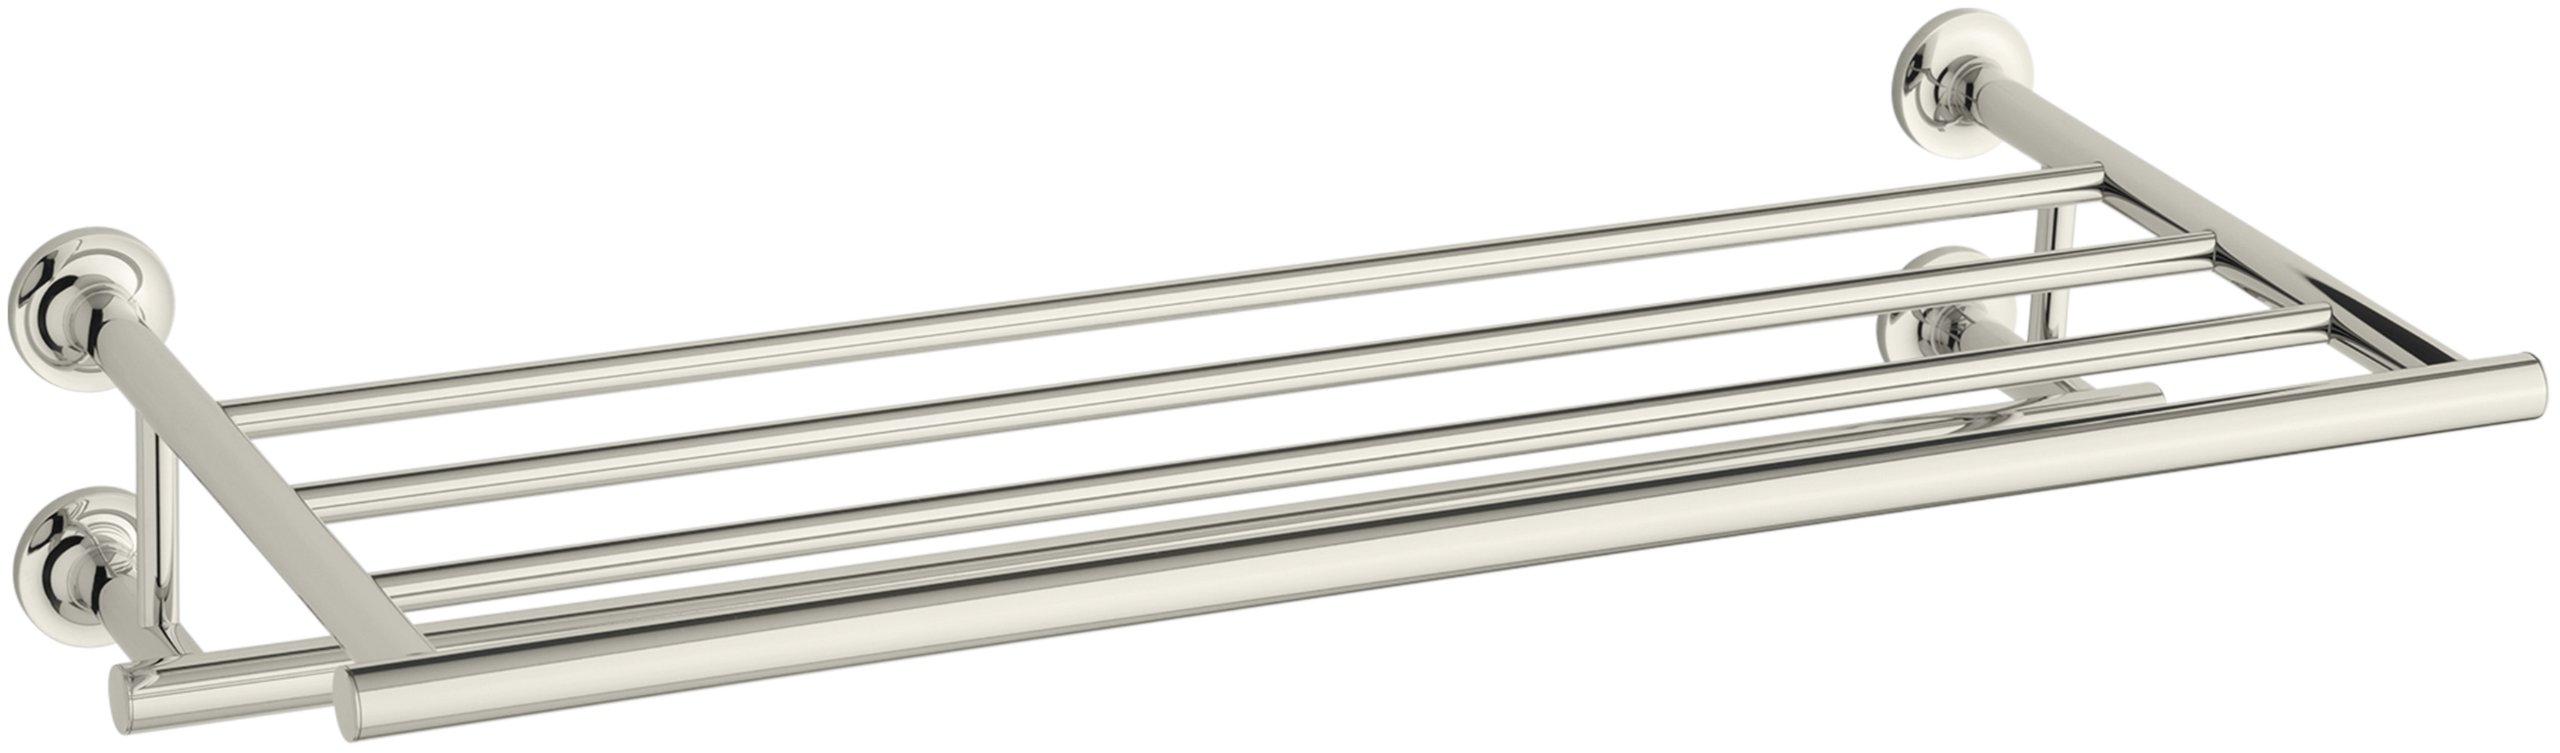 Kohler K-14381-SN Purist Towel Shelf, Vibrant Polished Nickel